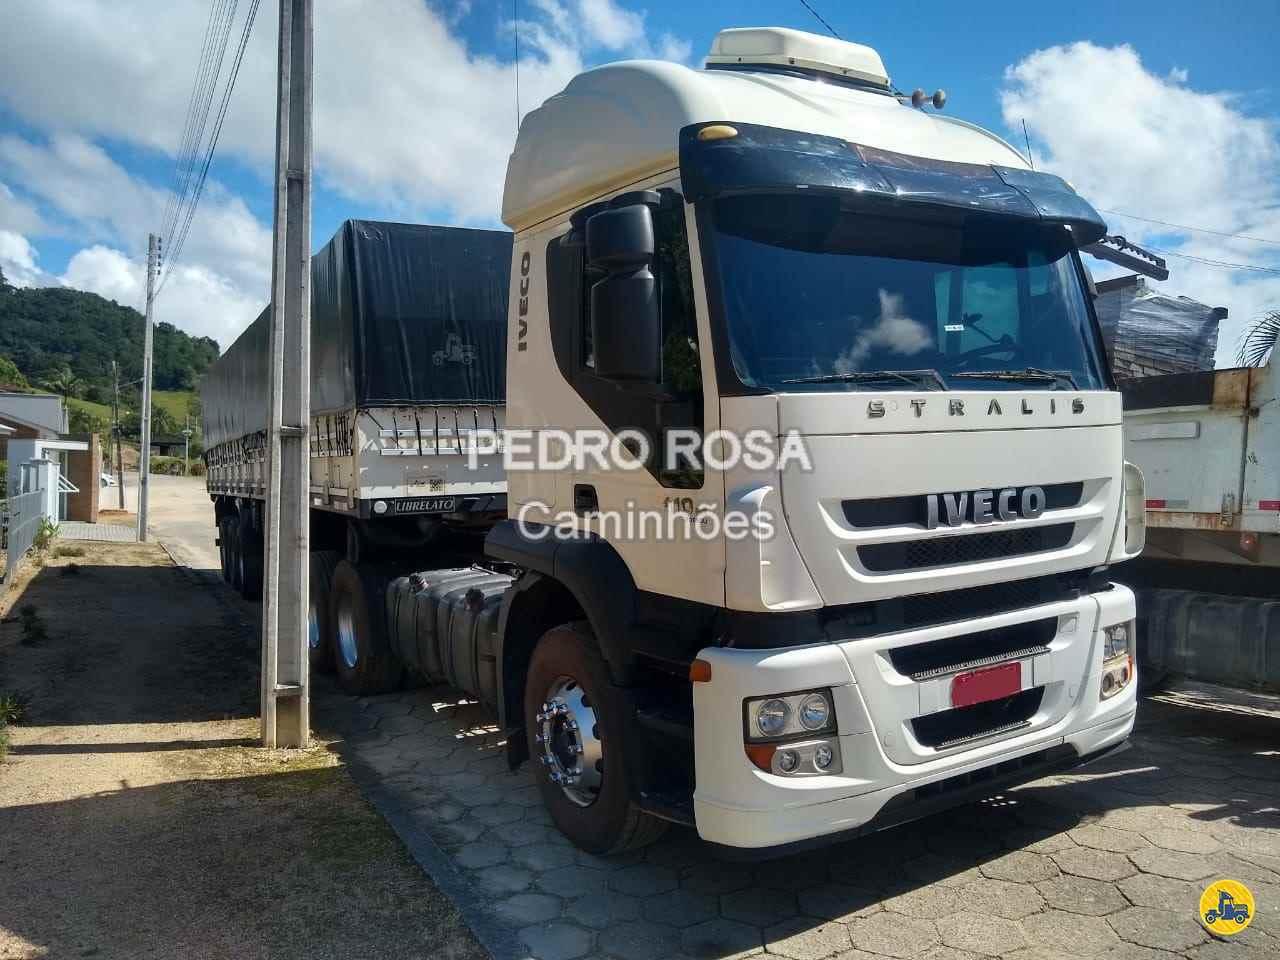 CAMINHAO IVECO STRALIS 410 Cavalo Mecânico Truck 6x2 Pedro Rosa Caminhões PICARRAS SANTA CATARINA SC